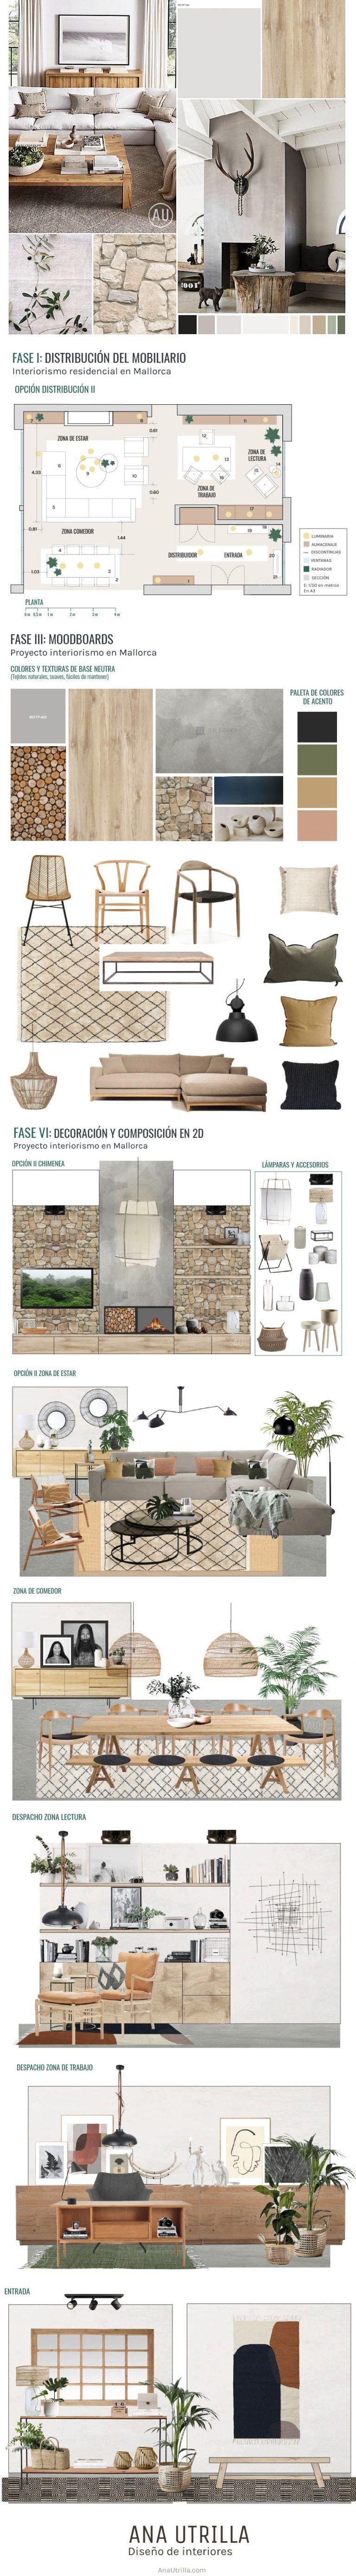 Proyecto de interiorismo residencial en Mallorca para un salón comedor, zona de despacho y trabajo, y entrada, de estilo nórdico mediterráneo, por Ana Utrilla @Utrillanais